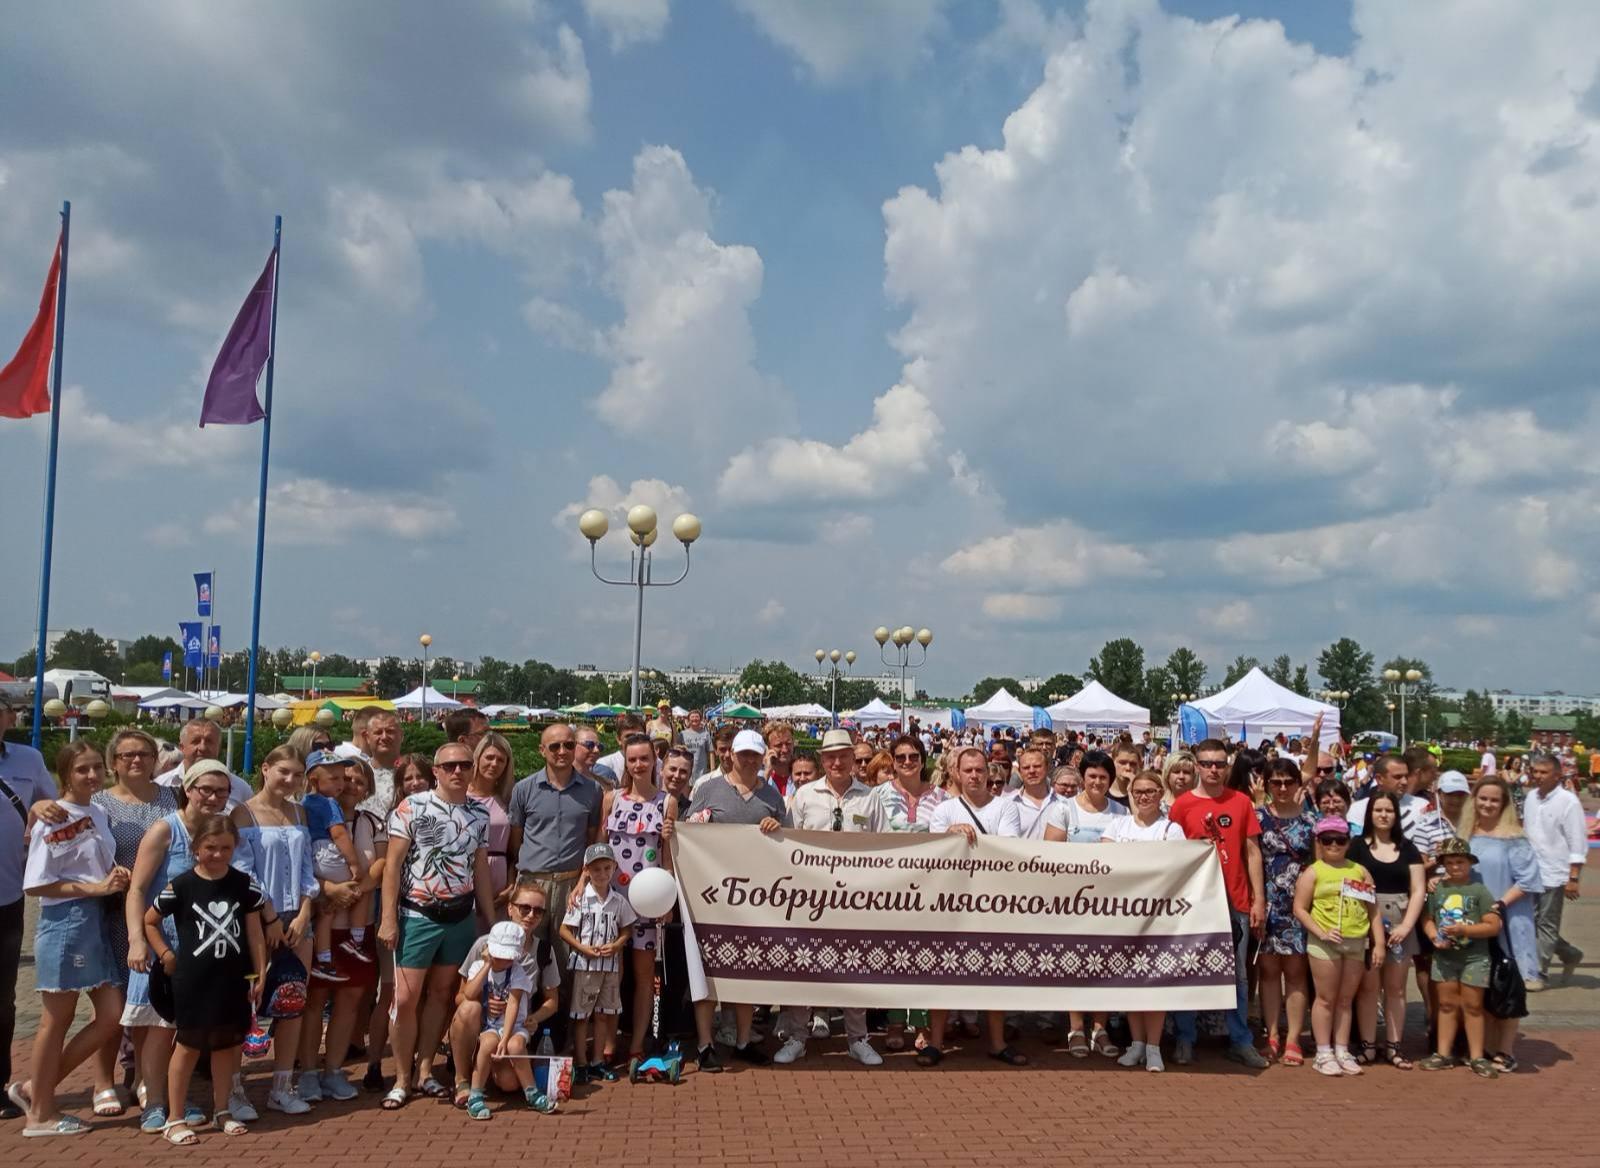 Культурно-спортивный фестиваль Вытокi